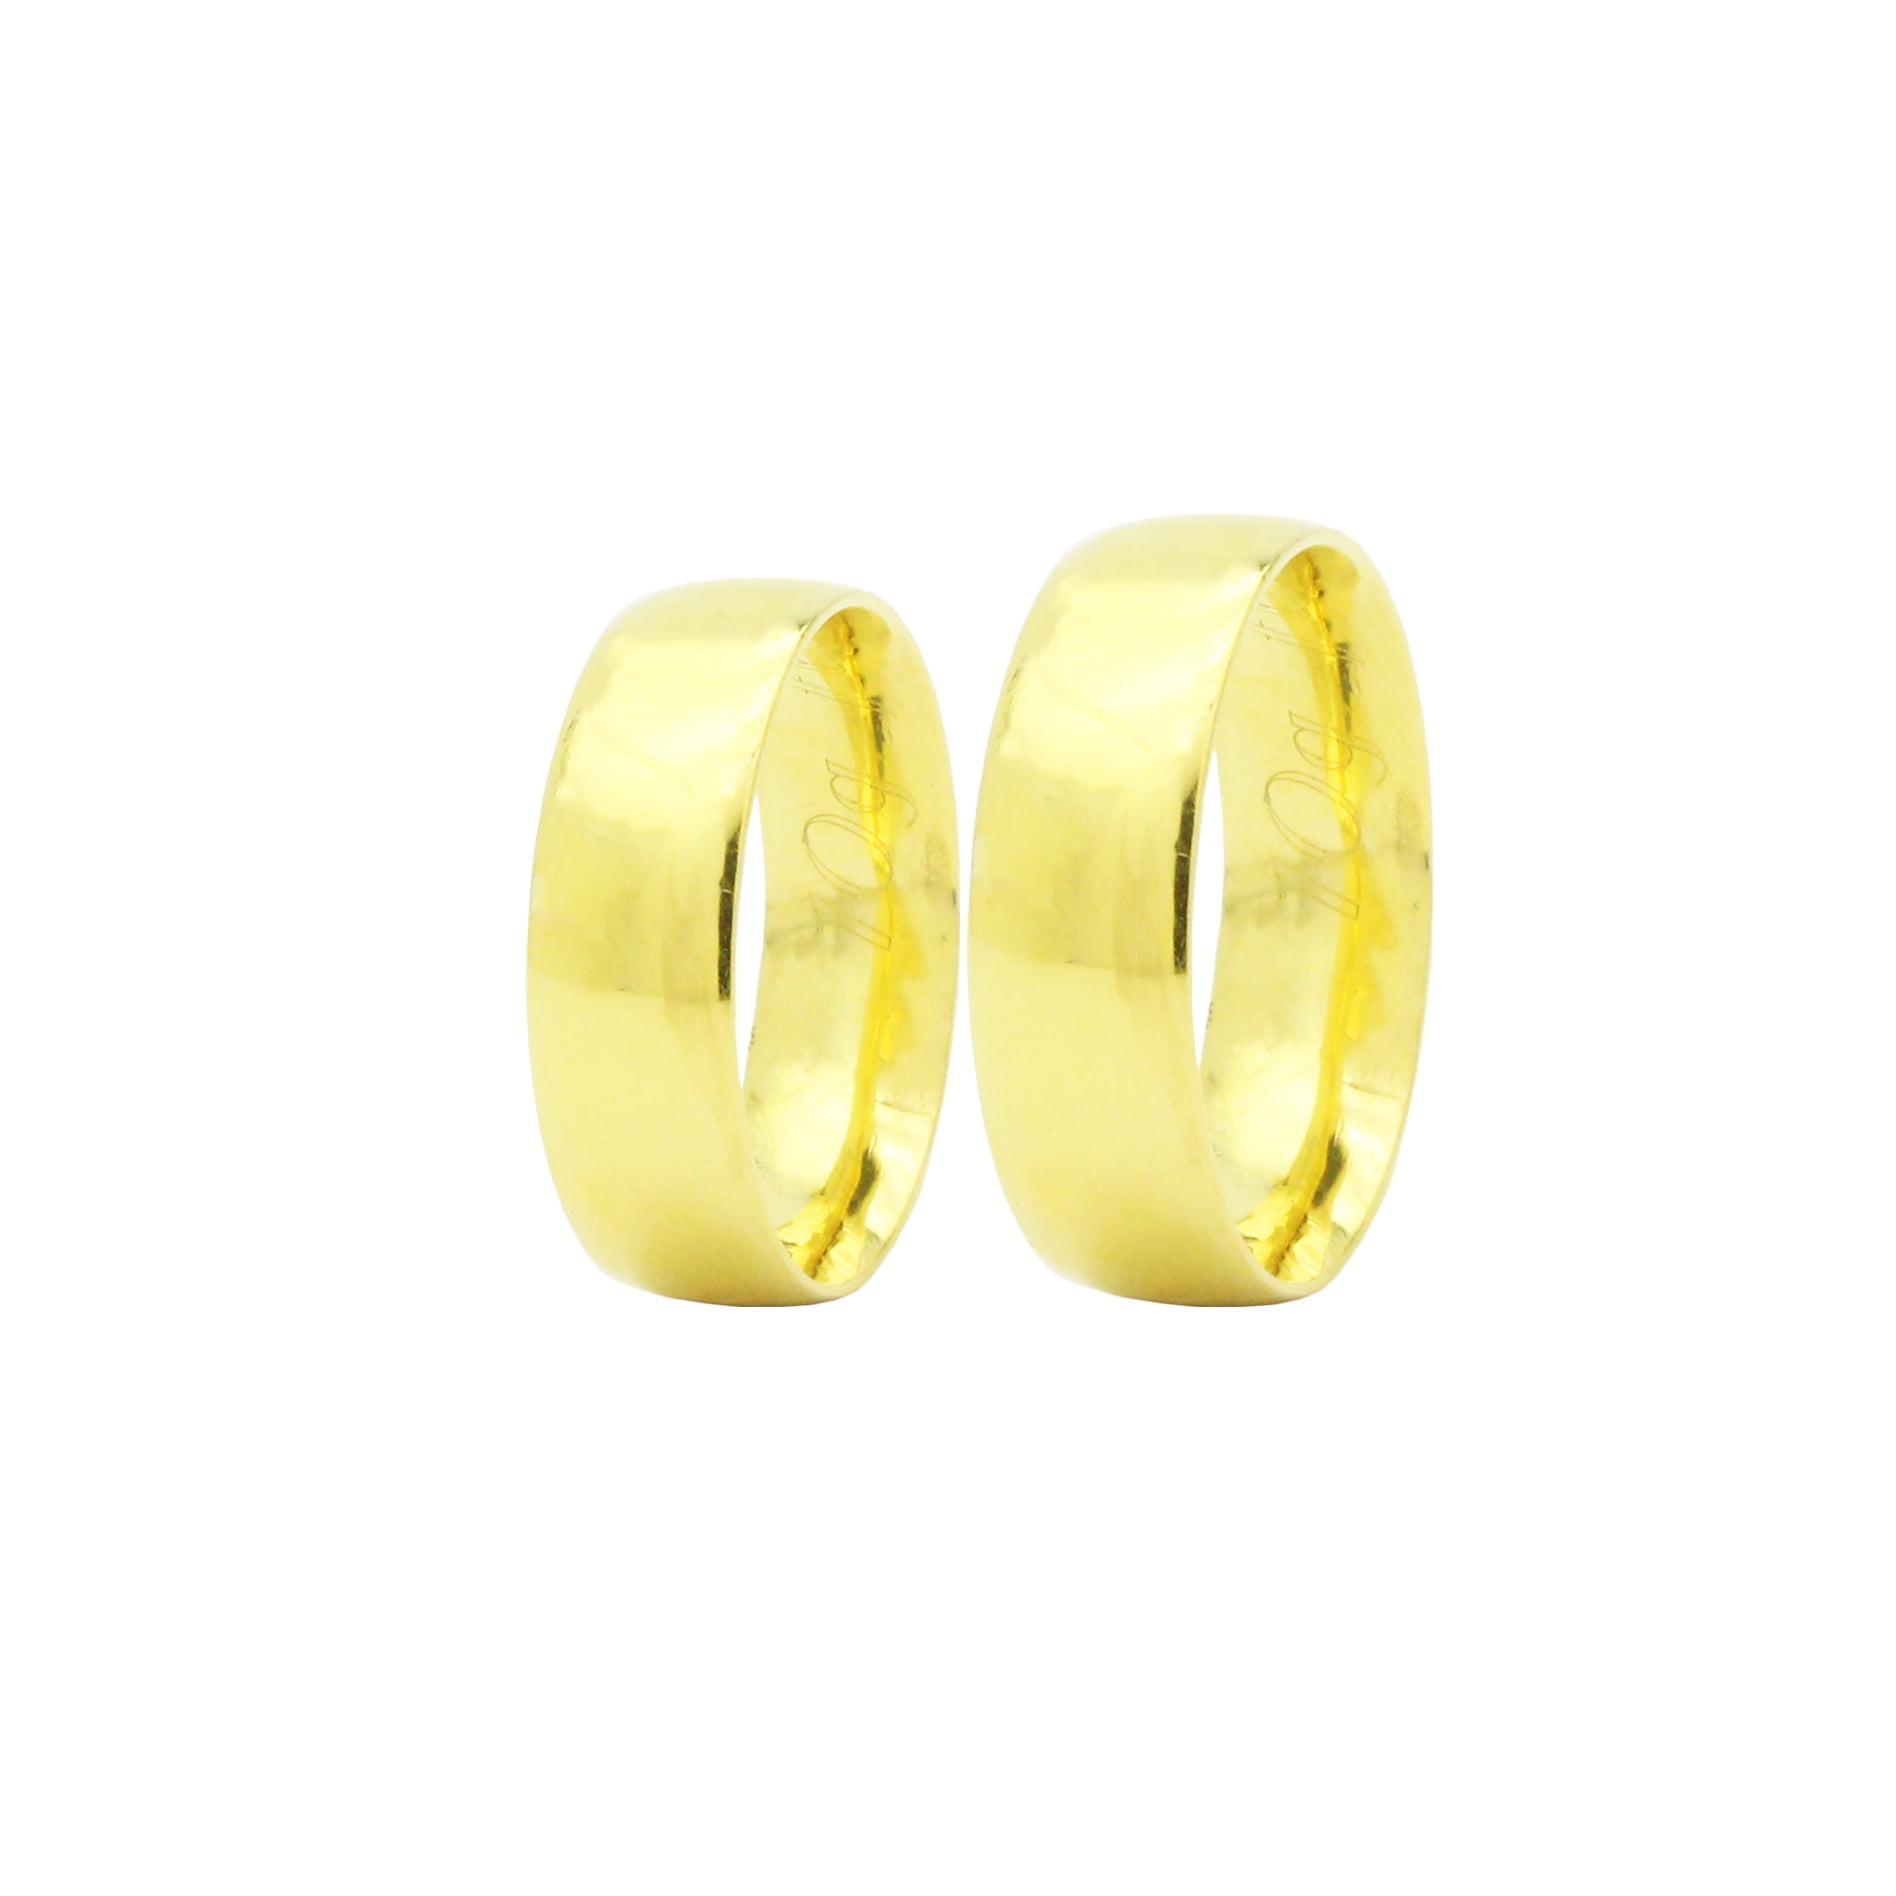 Par de Alianças em Ouro 18k 10 gramas 6mm de largura – Fio Reto Lisa Confort